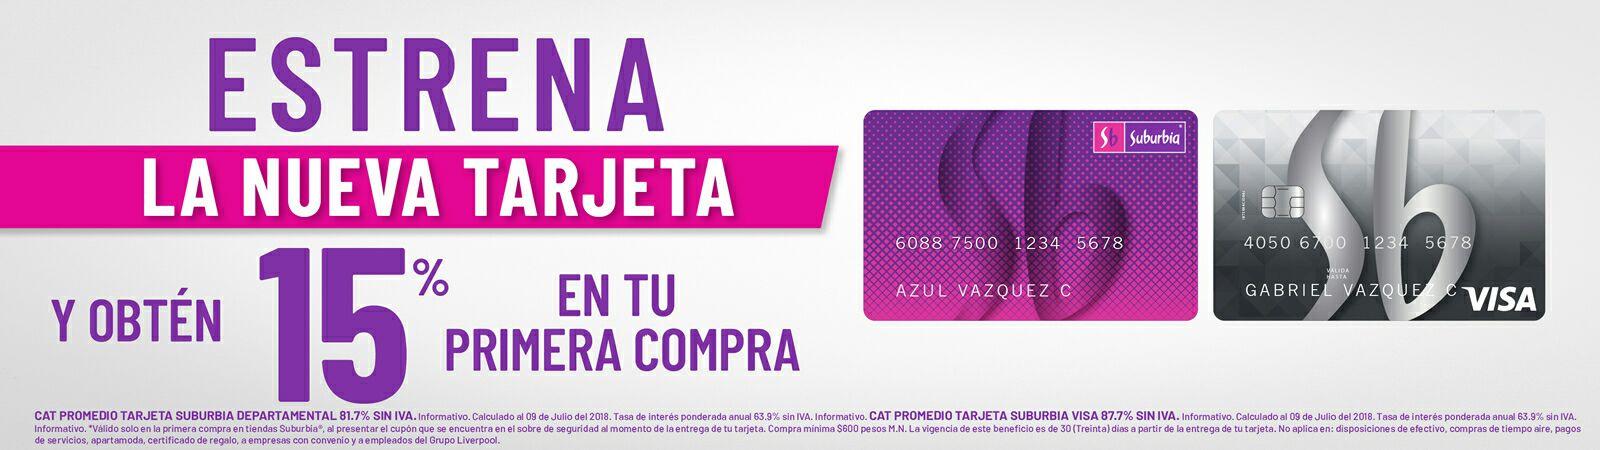 Suburbia: Tarjeta departamental Sin costo de Anualidad, el 15% en primer compra y 10% los martes de tarjetahabiente y otro beneficios mas.